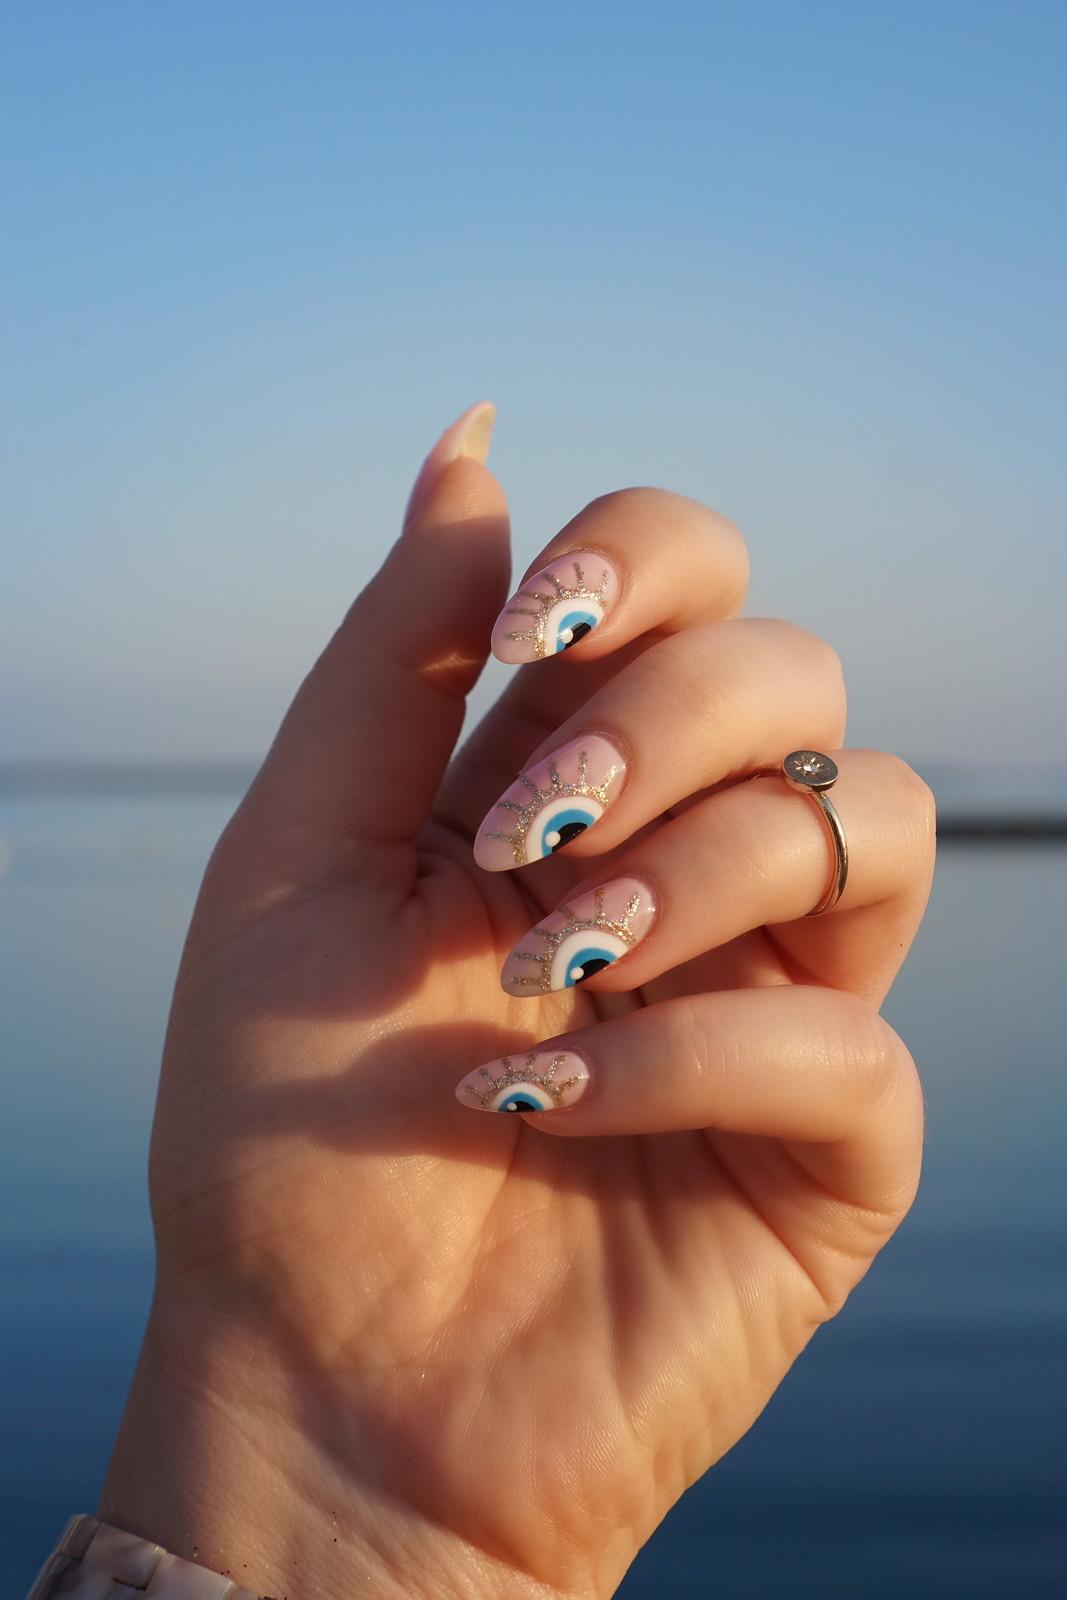 Pink & Glitter Evil Eye Nails   October Nails   Fall Nails   Nail Art   Nail Designs   Almond Nails